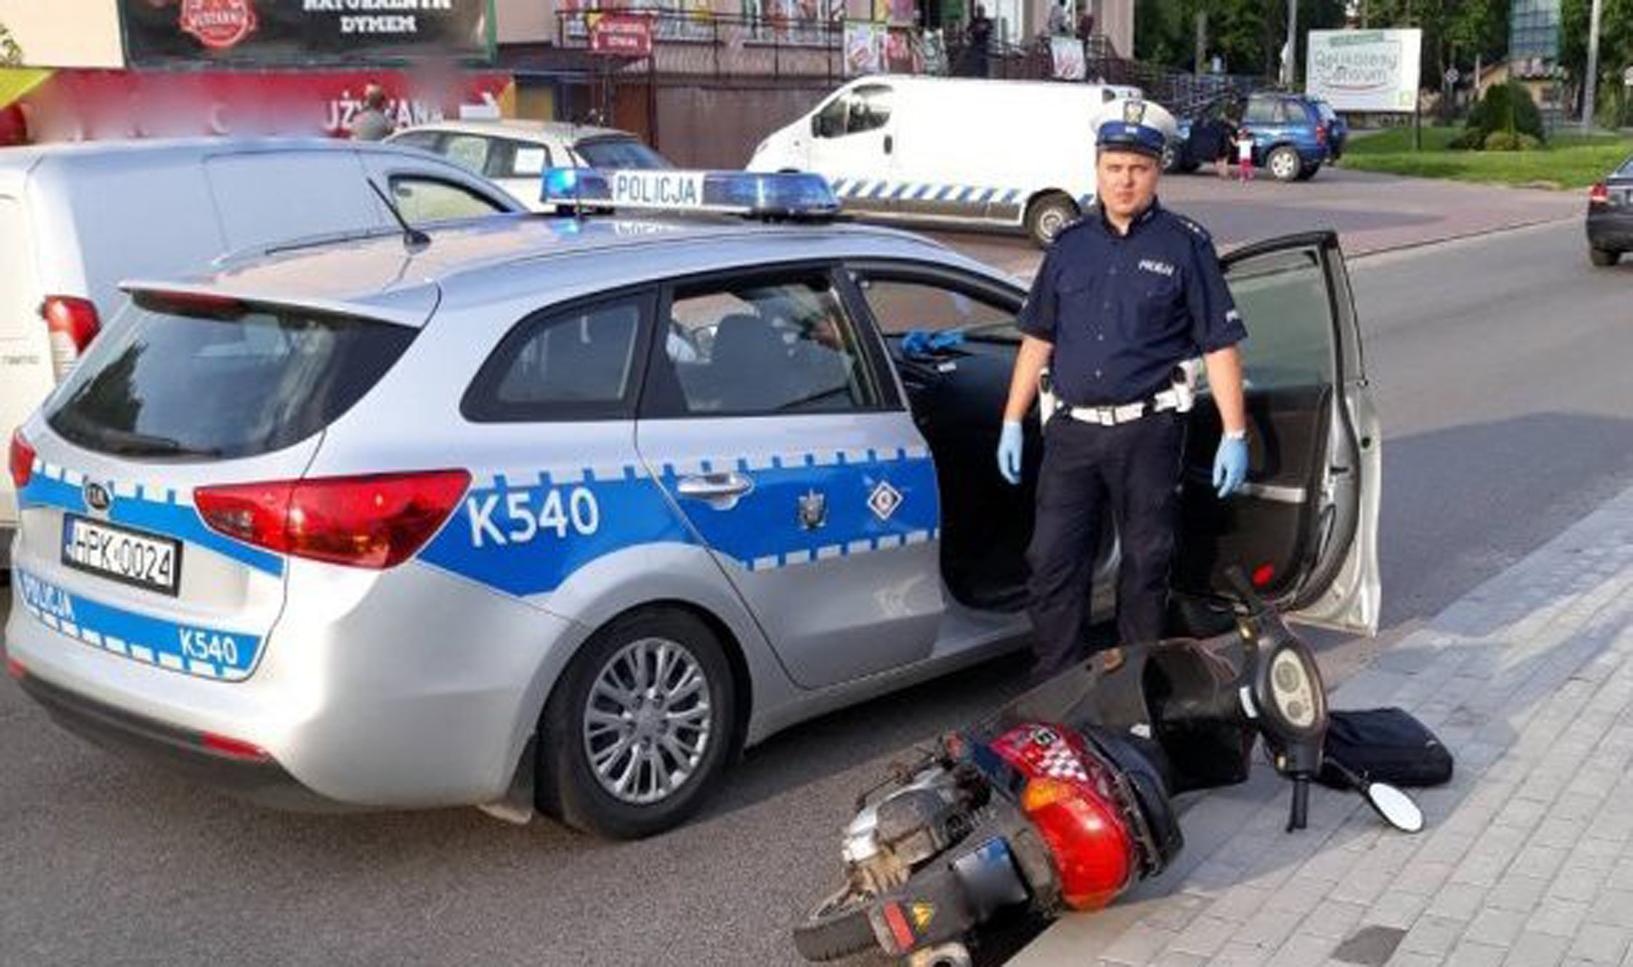 POWIAT KOLBUSZOWSKI. Grożąc śrubokrętem ukradł motorower. Policyjny pościg za obywatelem Danii - Zdjęcie główne